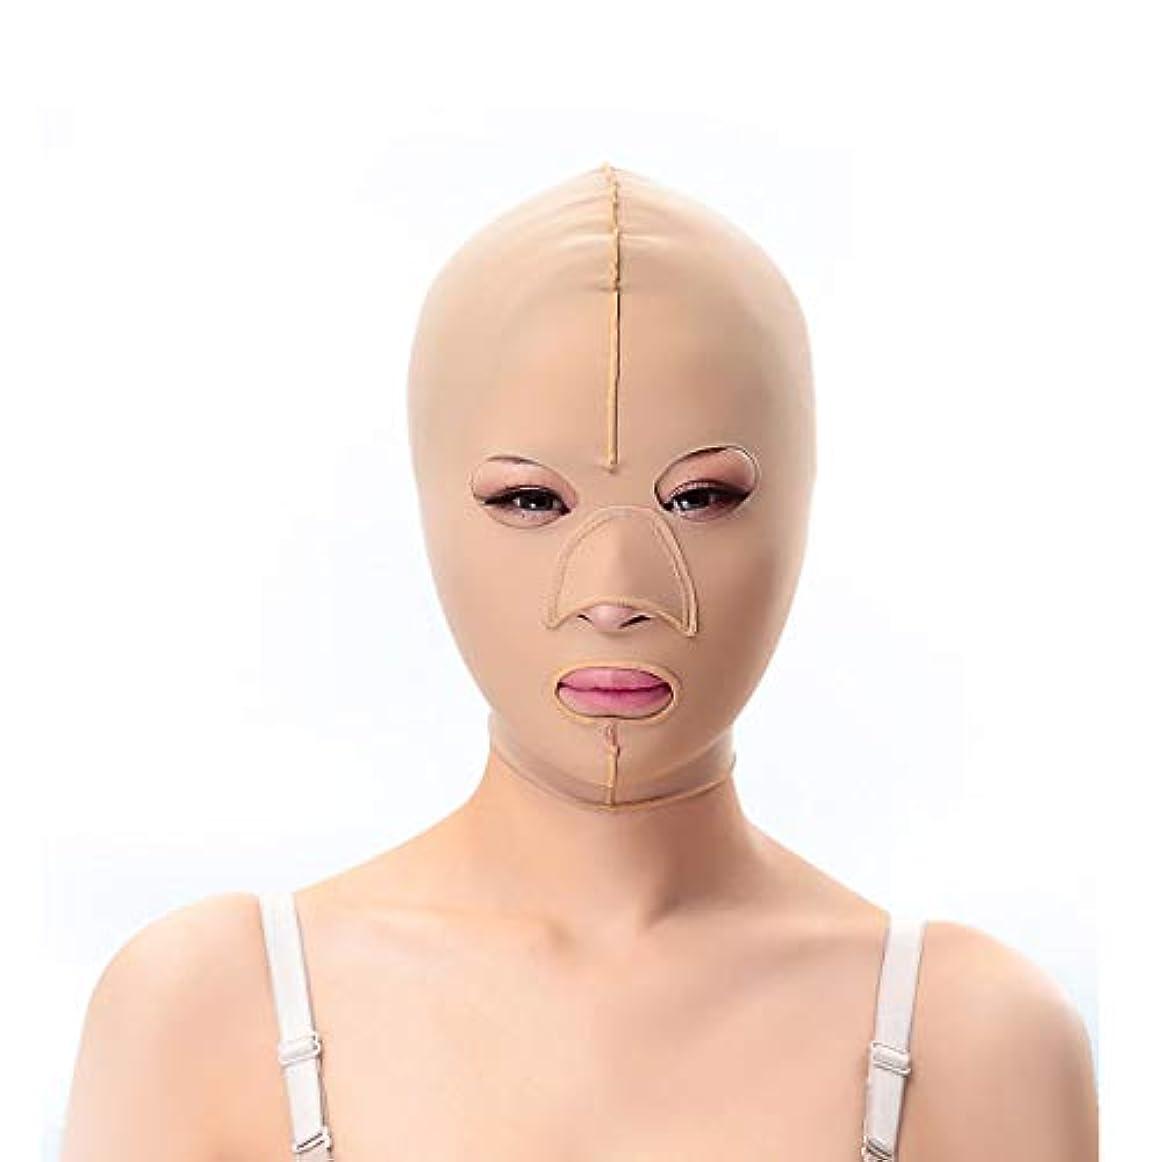 百科事典マニュアル座る痩身ベルト、フェイシャルマスク薄いフェイスマスクを脇に持ち上げる二重あご引き締め顔面プラスチックフェイスアーティファクト強力なフェイス包帯 (Size : S)